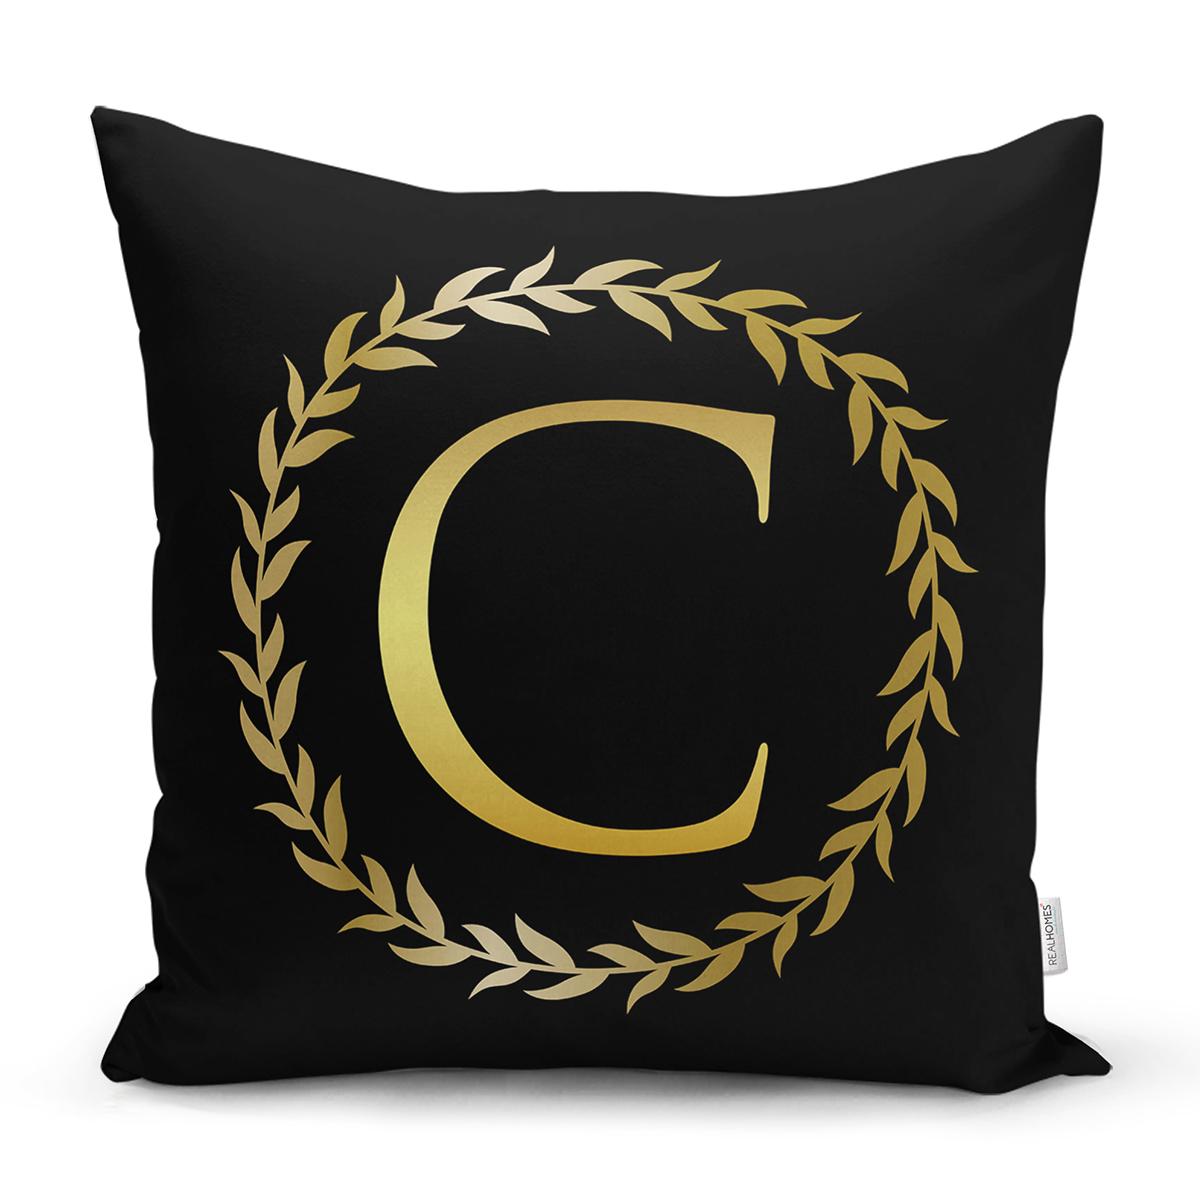 Siyah Zemin Gold Yaprak Çerçeveli C Harfi Özel Tasarım Dijital Baskılı Yastık Kırlent Kılıfı Realhomes